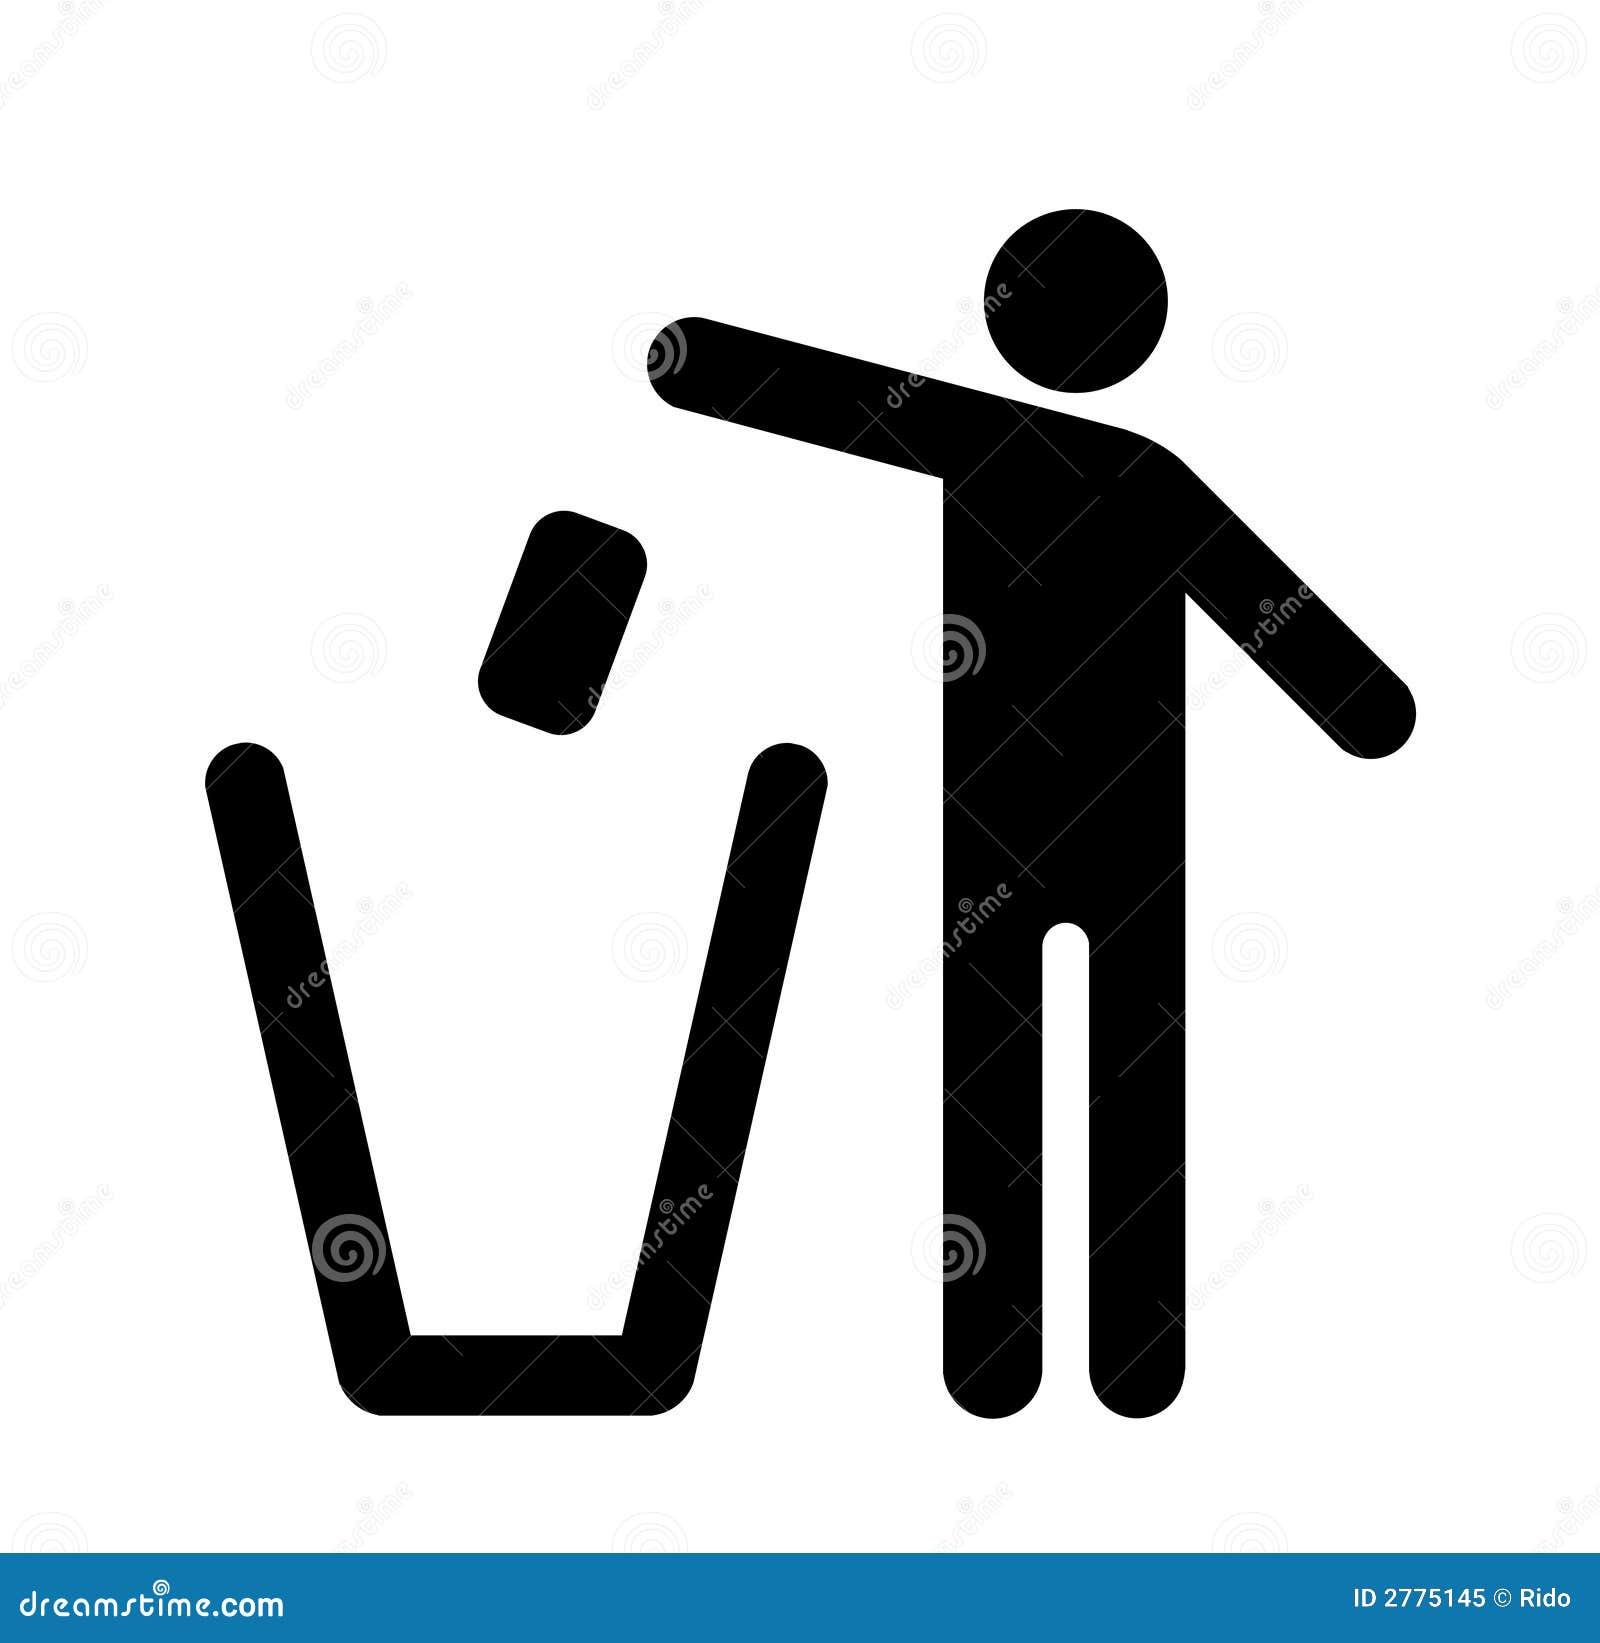 Werp vuilnis in de bak